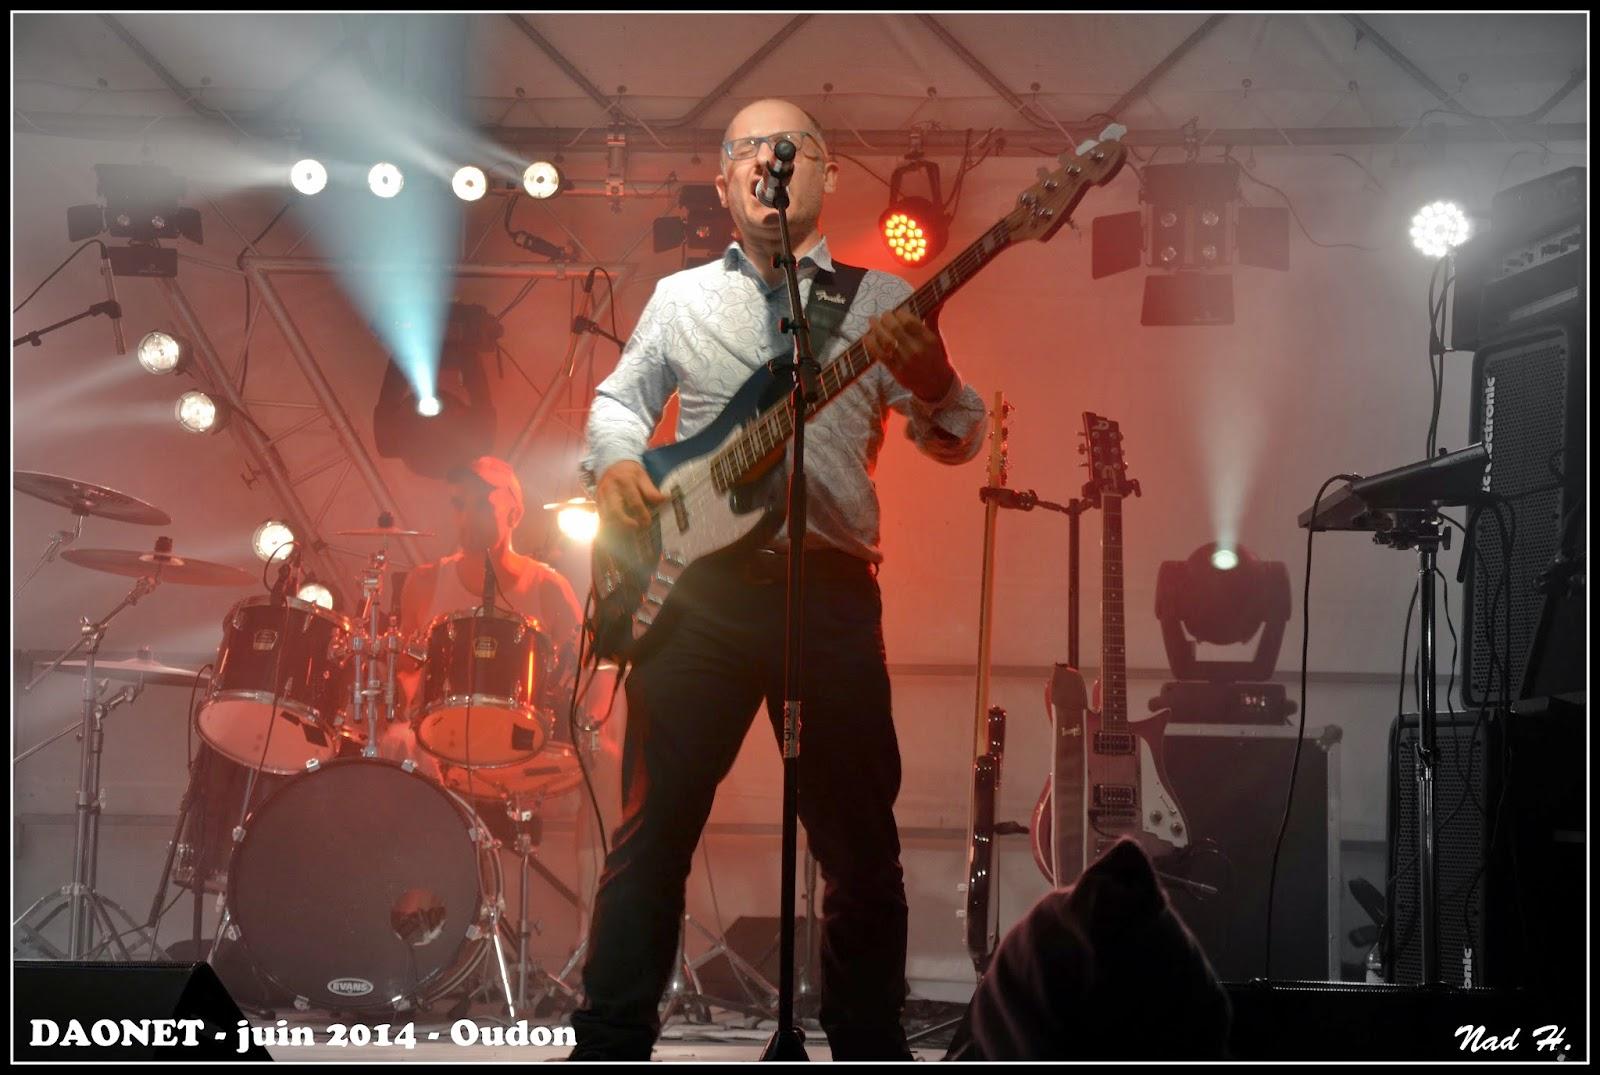 Daonet - Rock breton fête de la musique 2014 Oudon - Gilles basse chant Hervé batterie